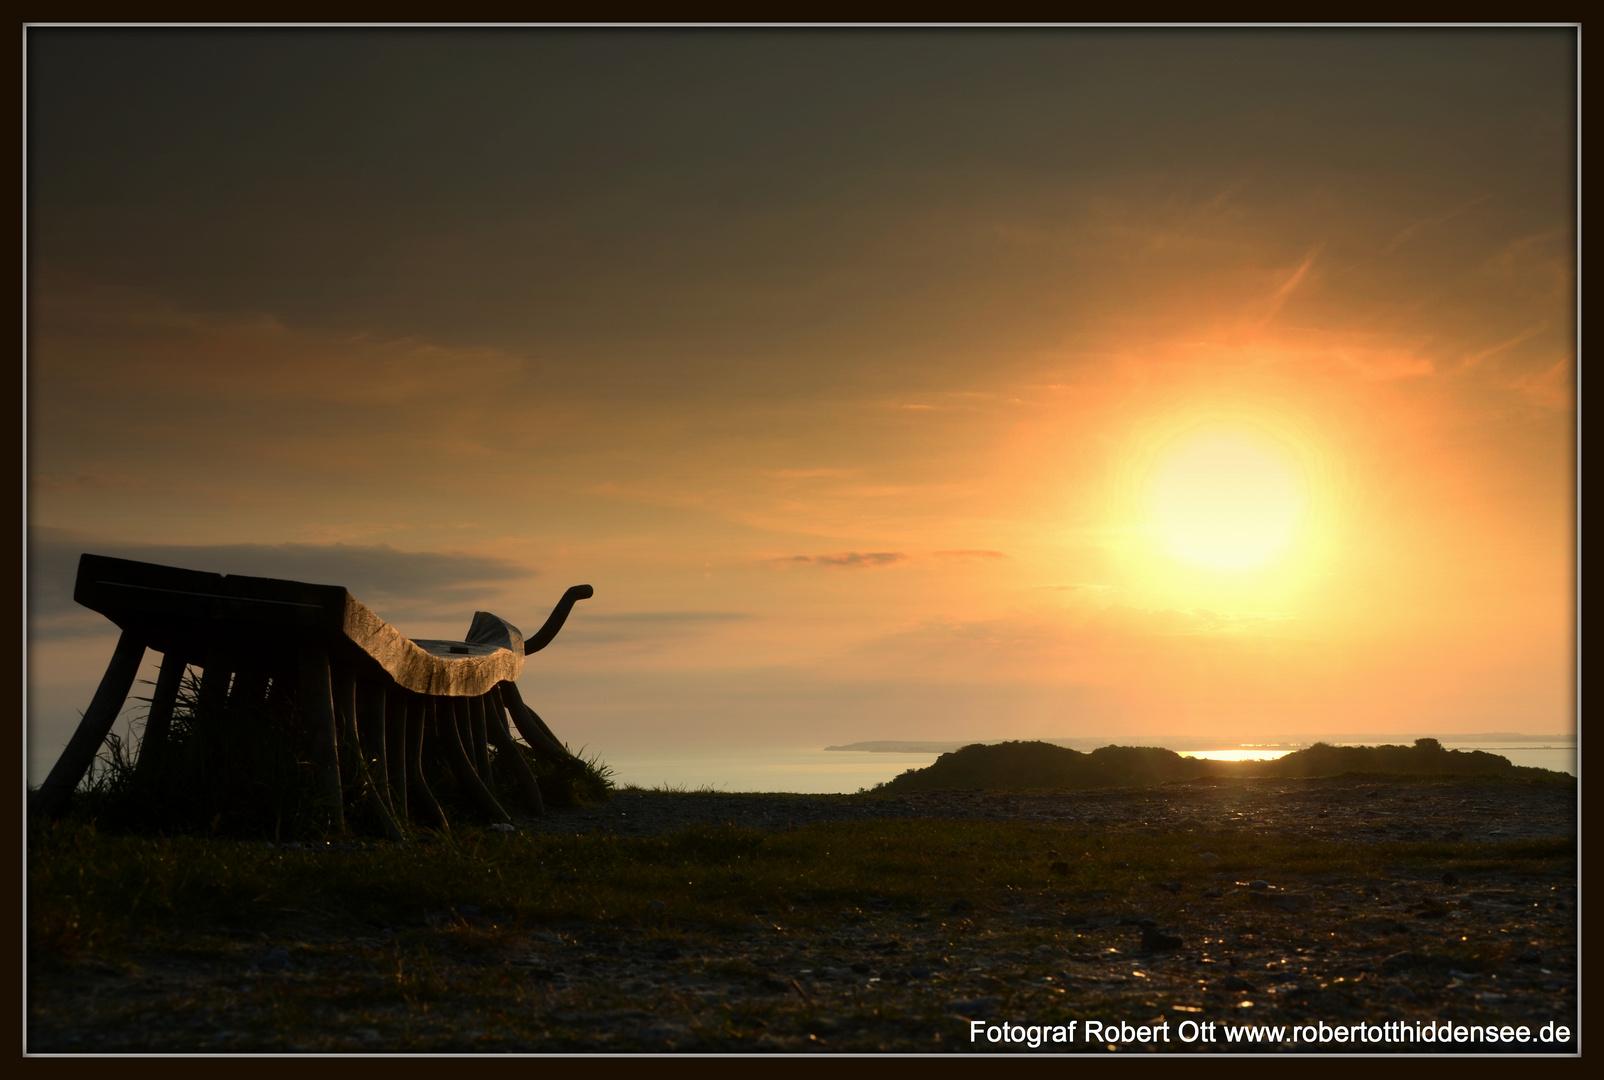 Tausendfüßlerbank in der aufgehenden Sonne!